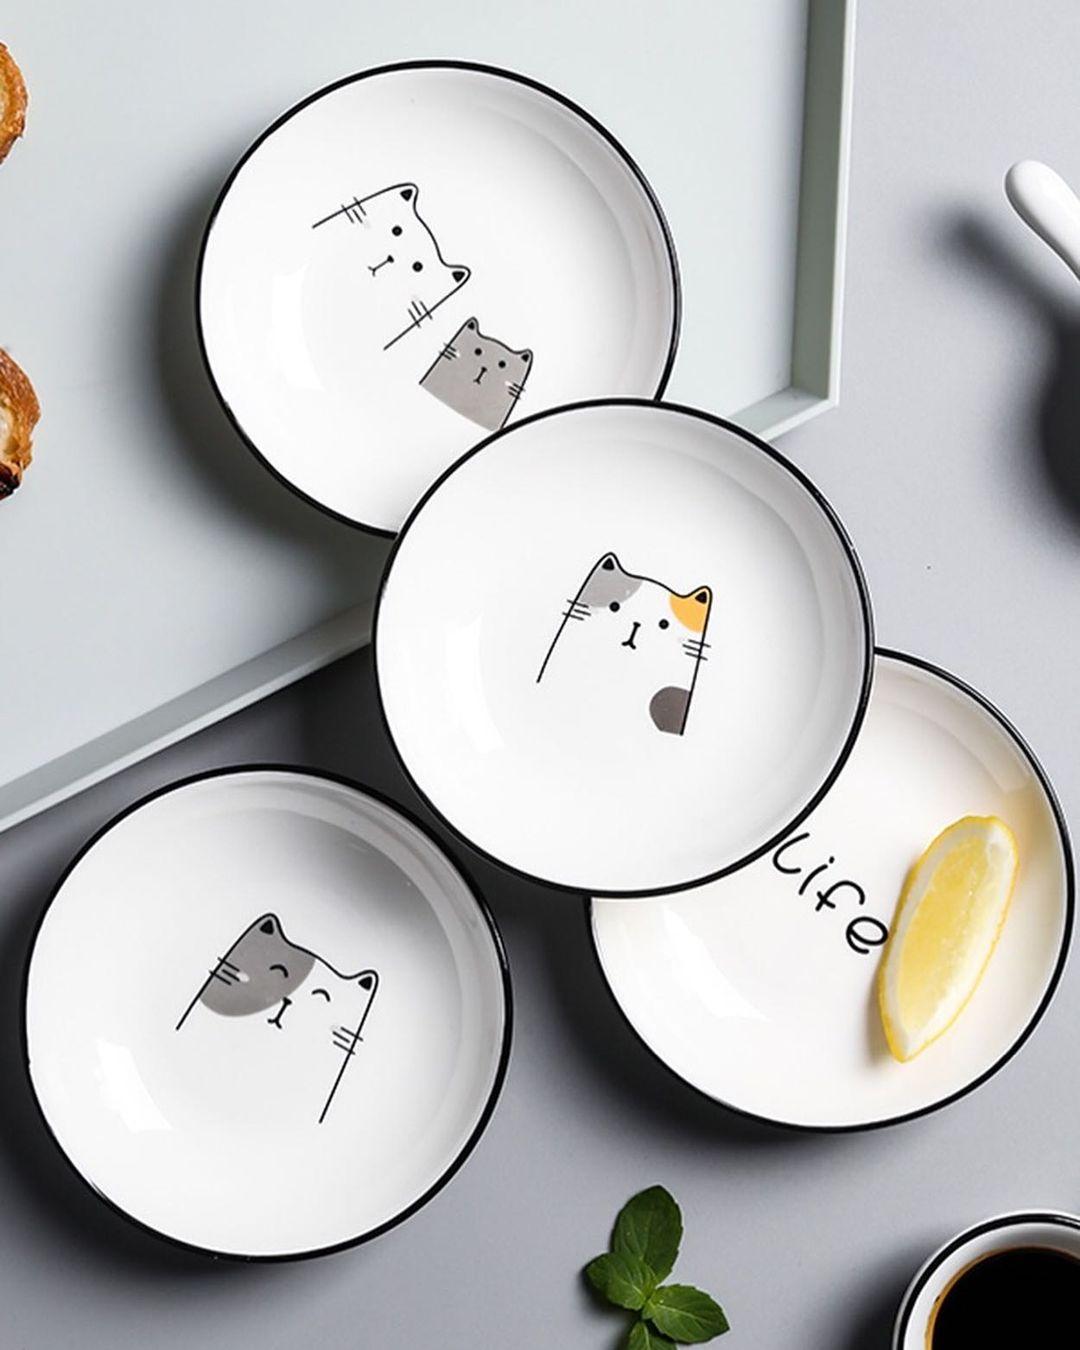 Sắm bộ bát đĩa từ 125k để chụp ảnh đồ ăn pro như food blogger - Ảnh 1.